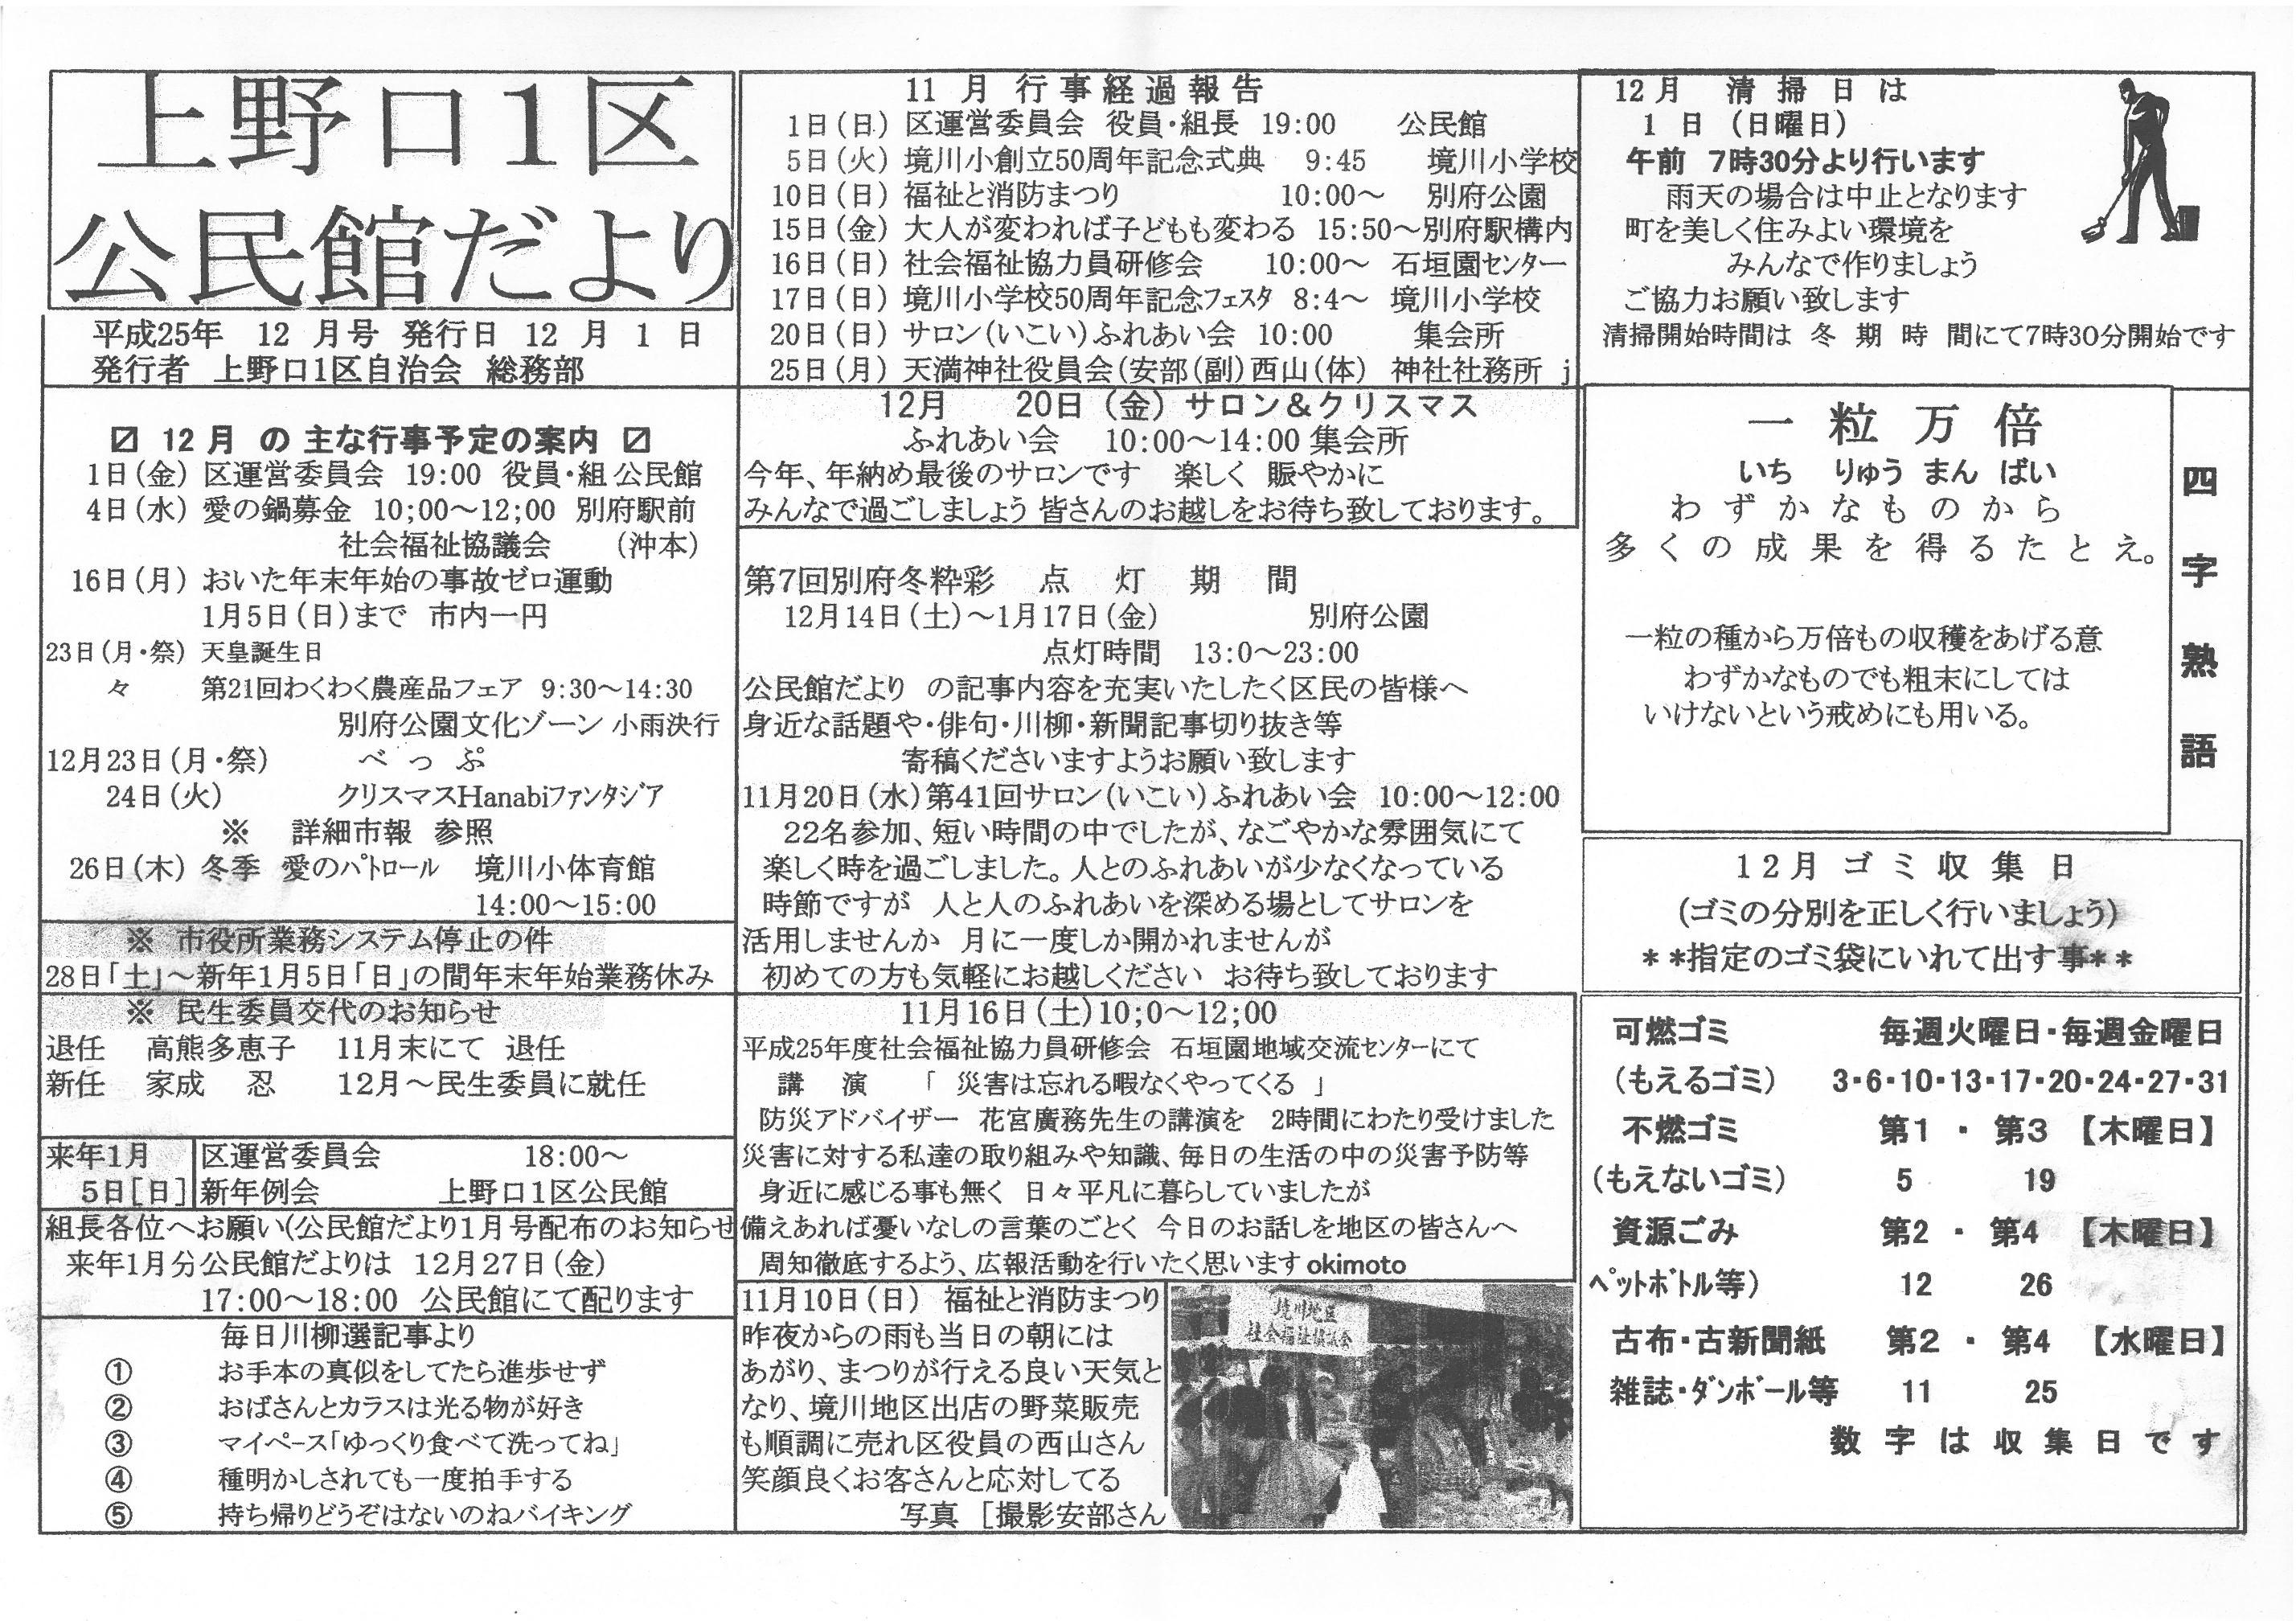 kaminoguchi1ku_2013_12